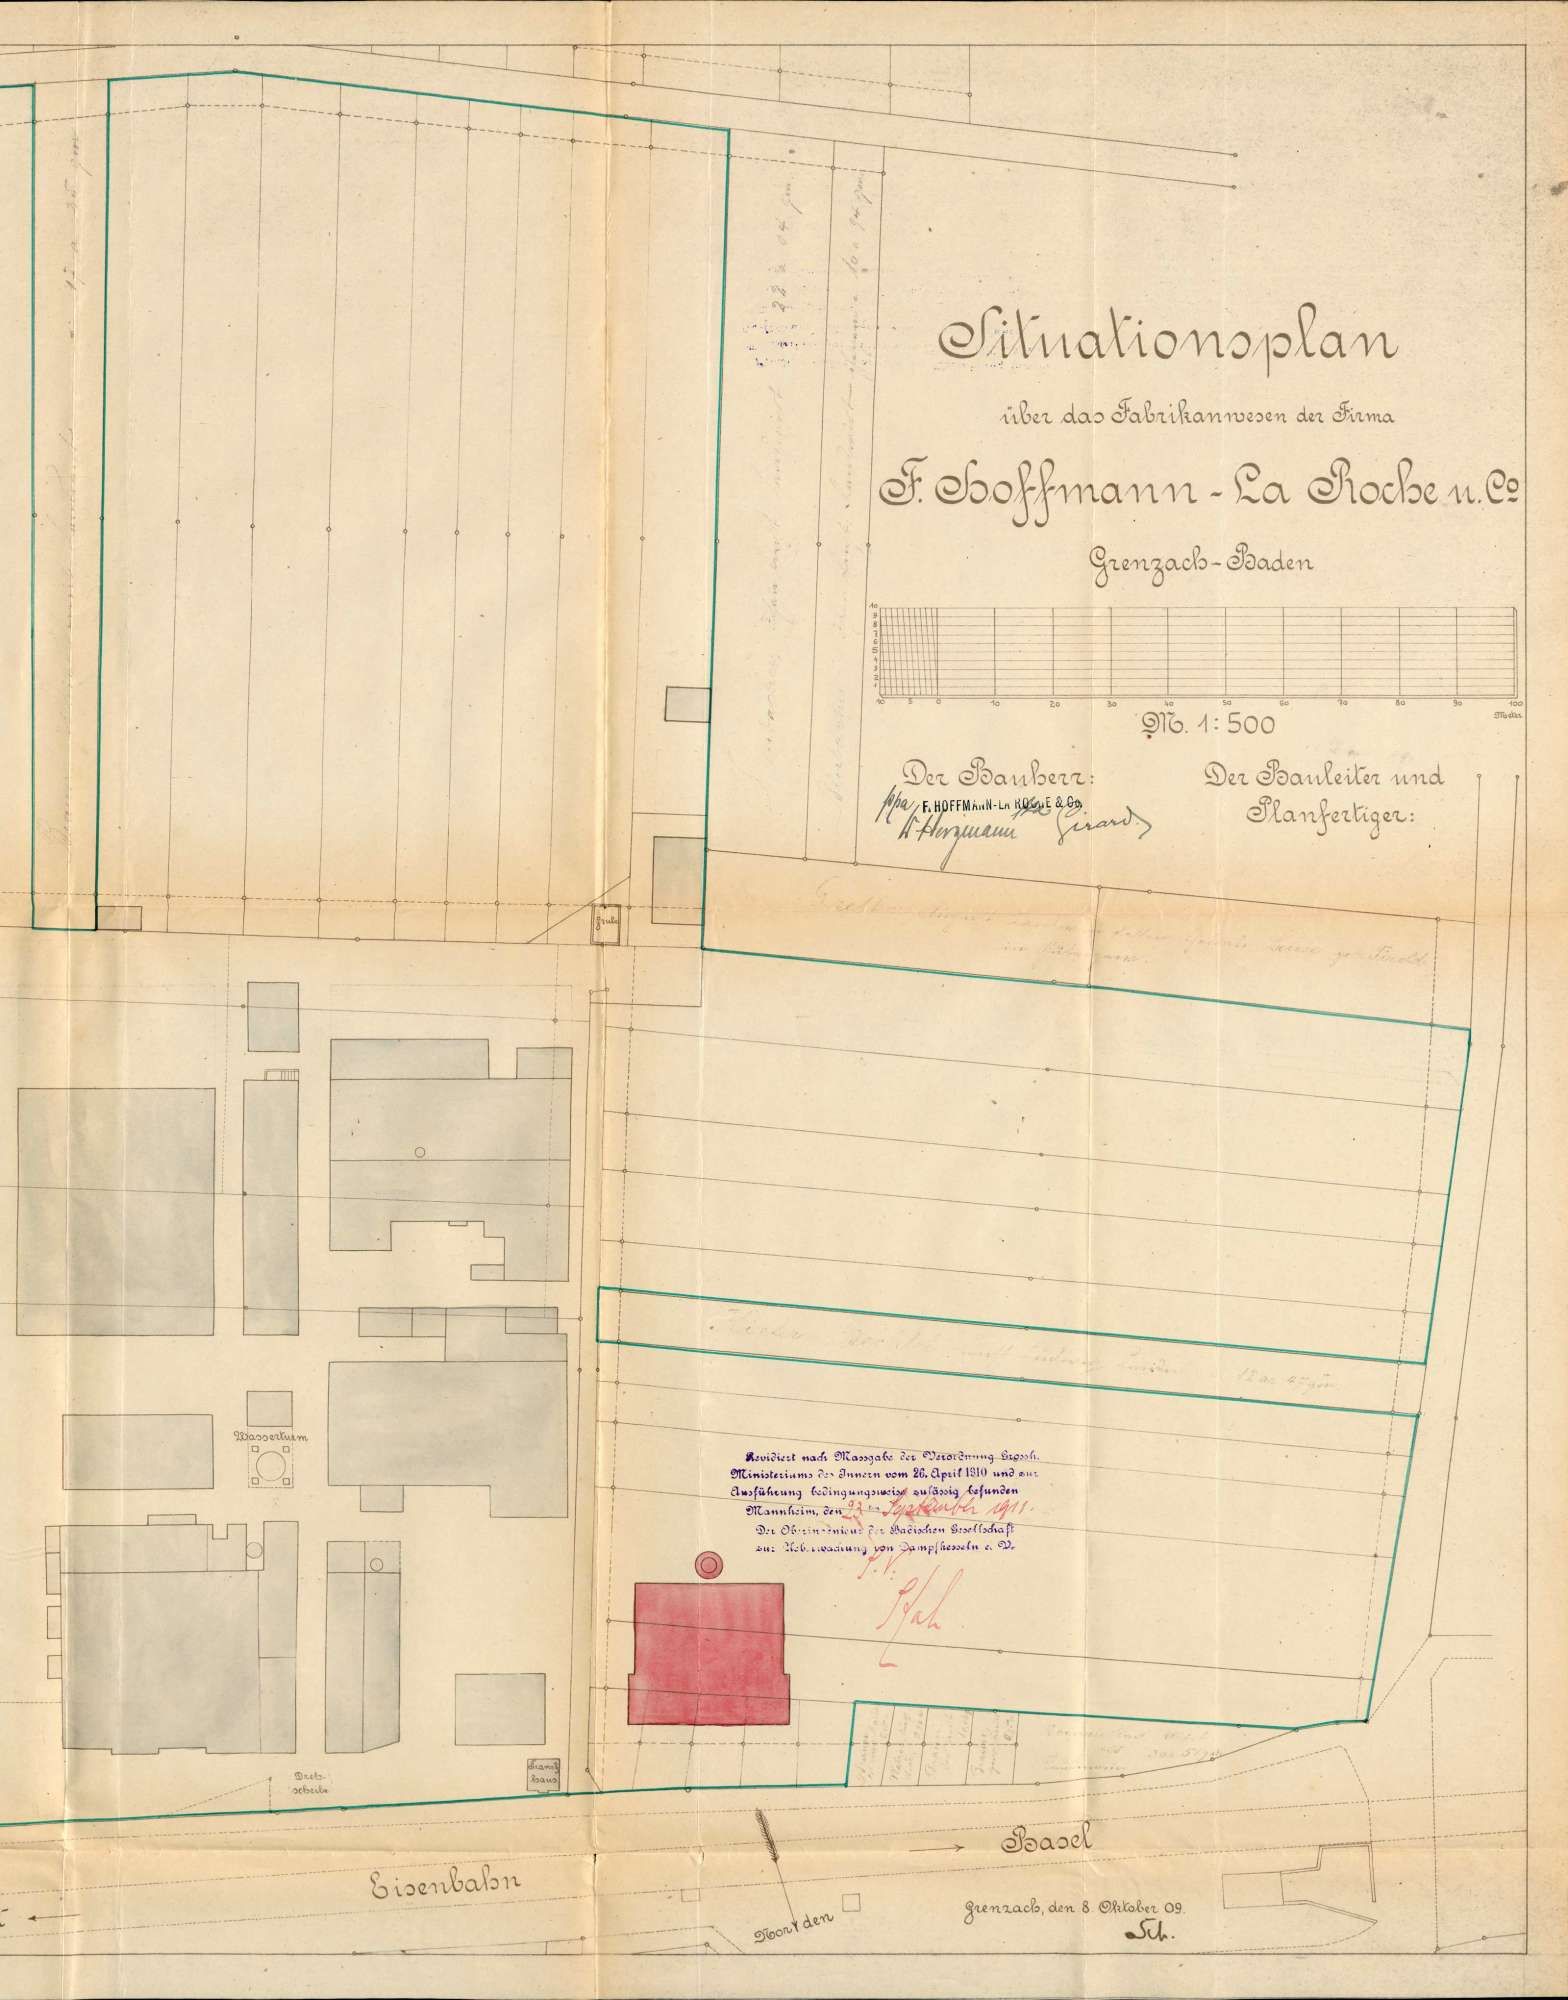 Gesuch der Fa. Hoffmann-La Roche in Grenzach um Erlaubnis zur Anlegung dreier Dampfkessel, Bild 2